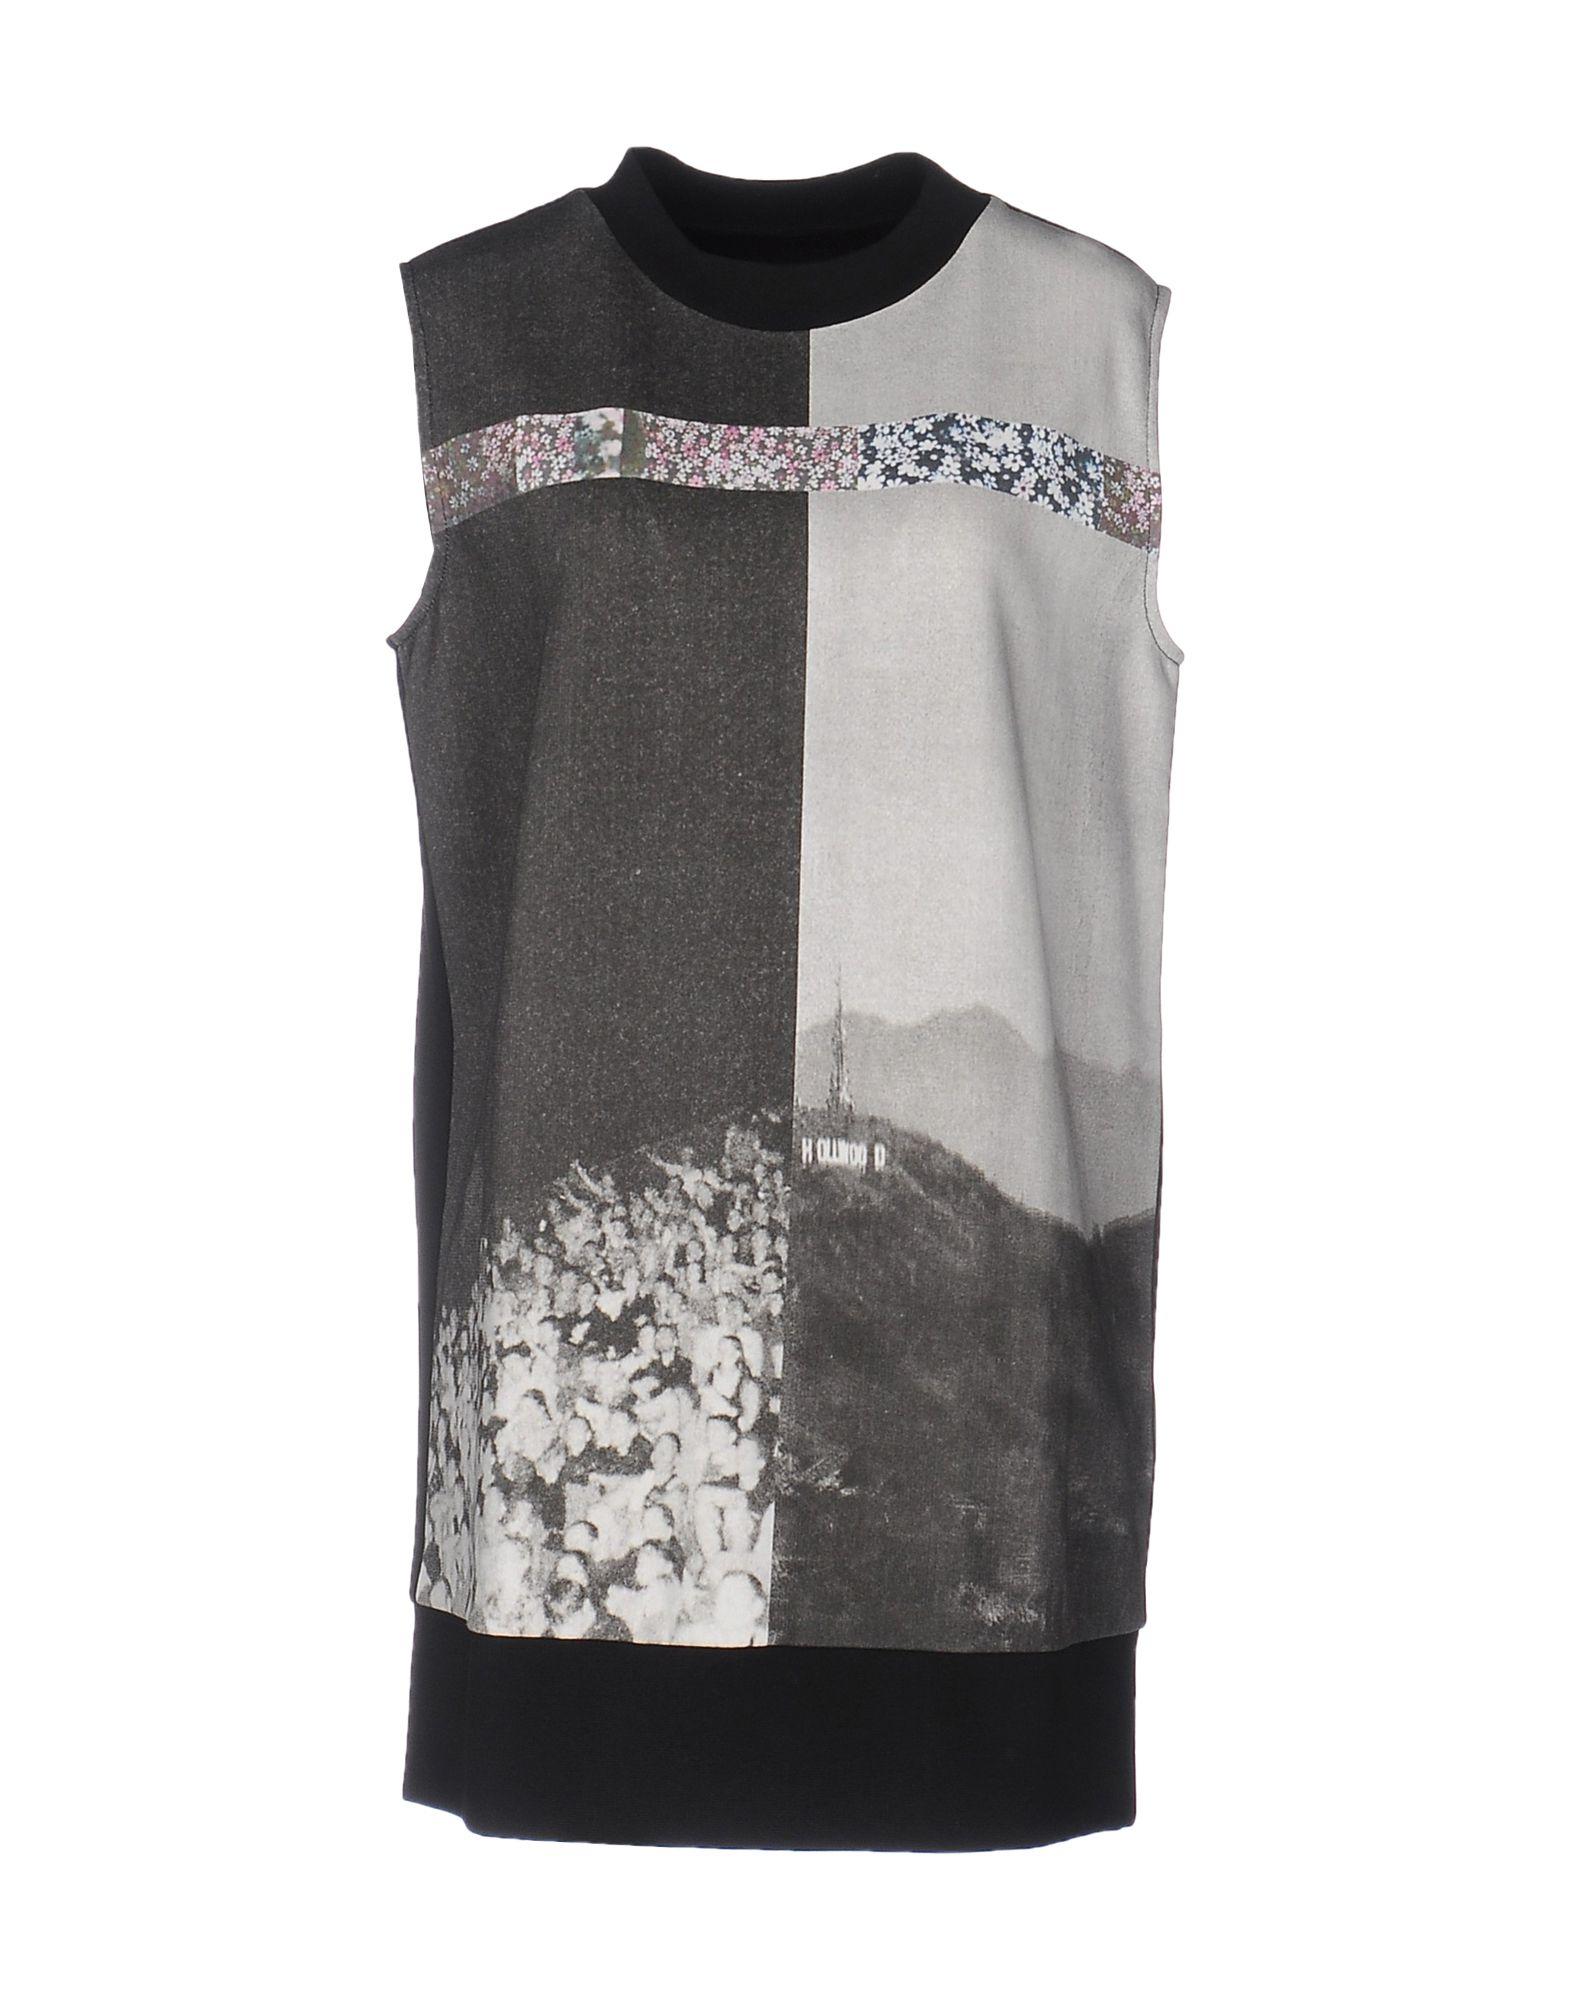 MM6 MAISON MARGIELA Damen Kurzes Kleid Farbe Blei Größe 5 - broschei